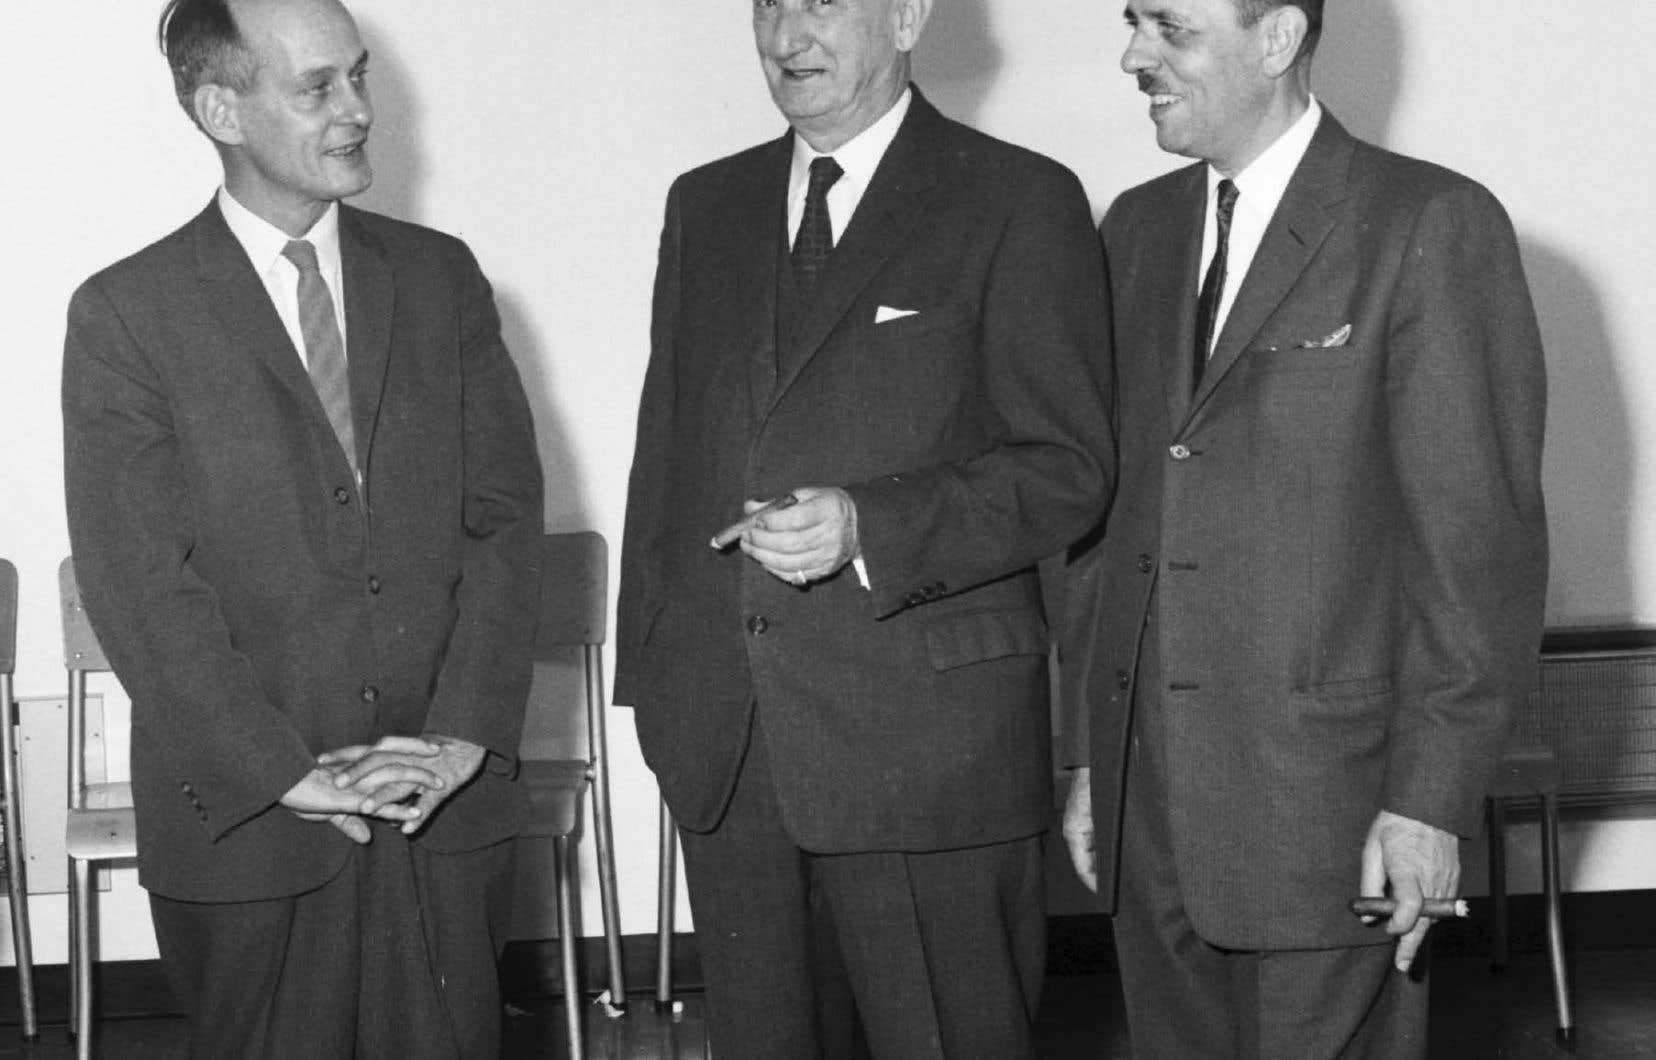 Le ministre des Richesses naturelles, René Lévesque, avec Jules-A. Brillant (au centre), lors de la nationalisation de la Compagnie de pouvoir du Bas-Saint-Laurent.